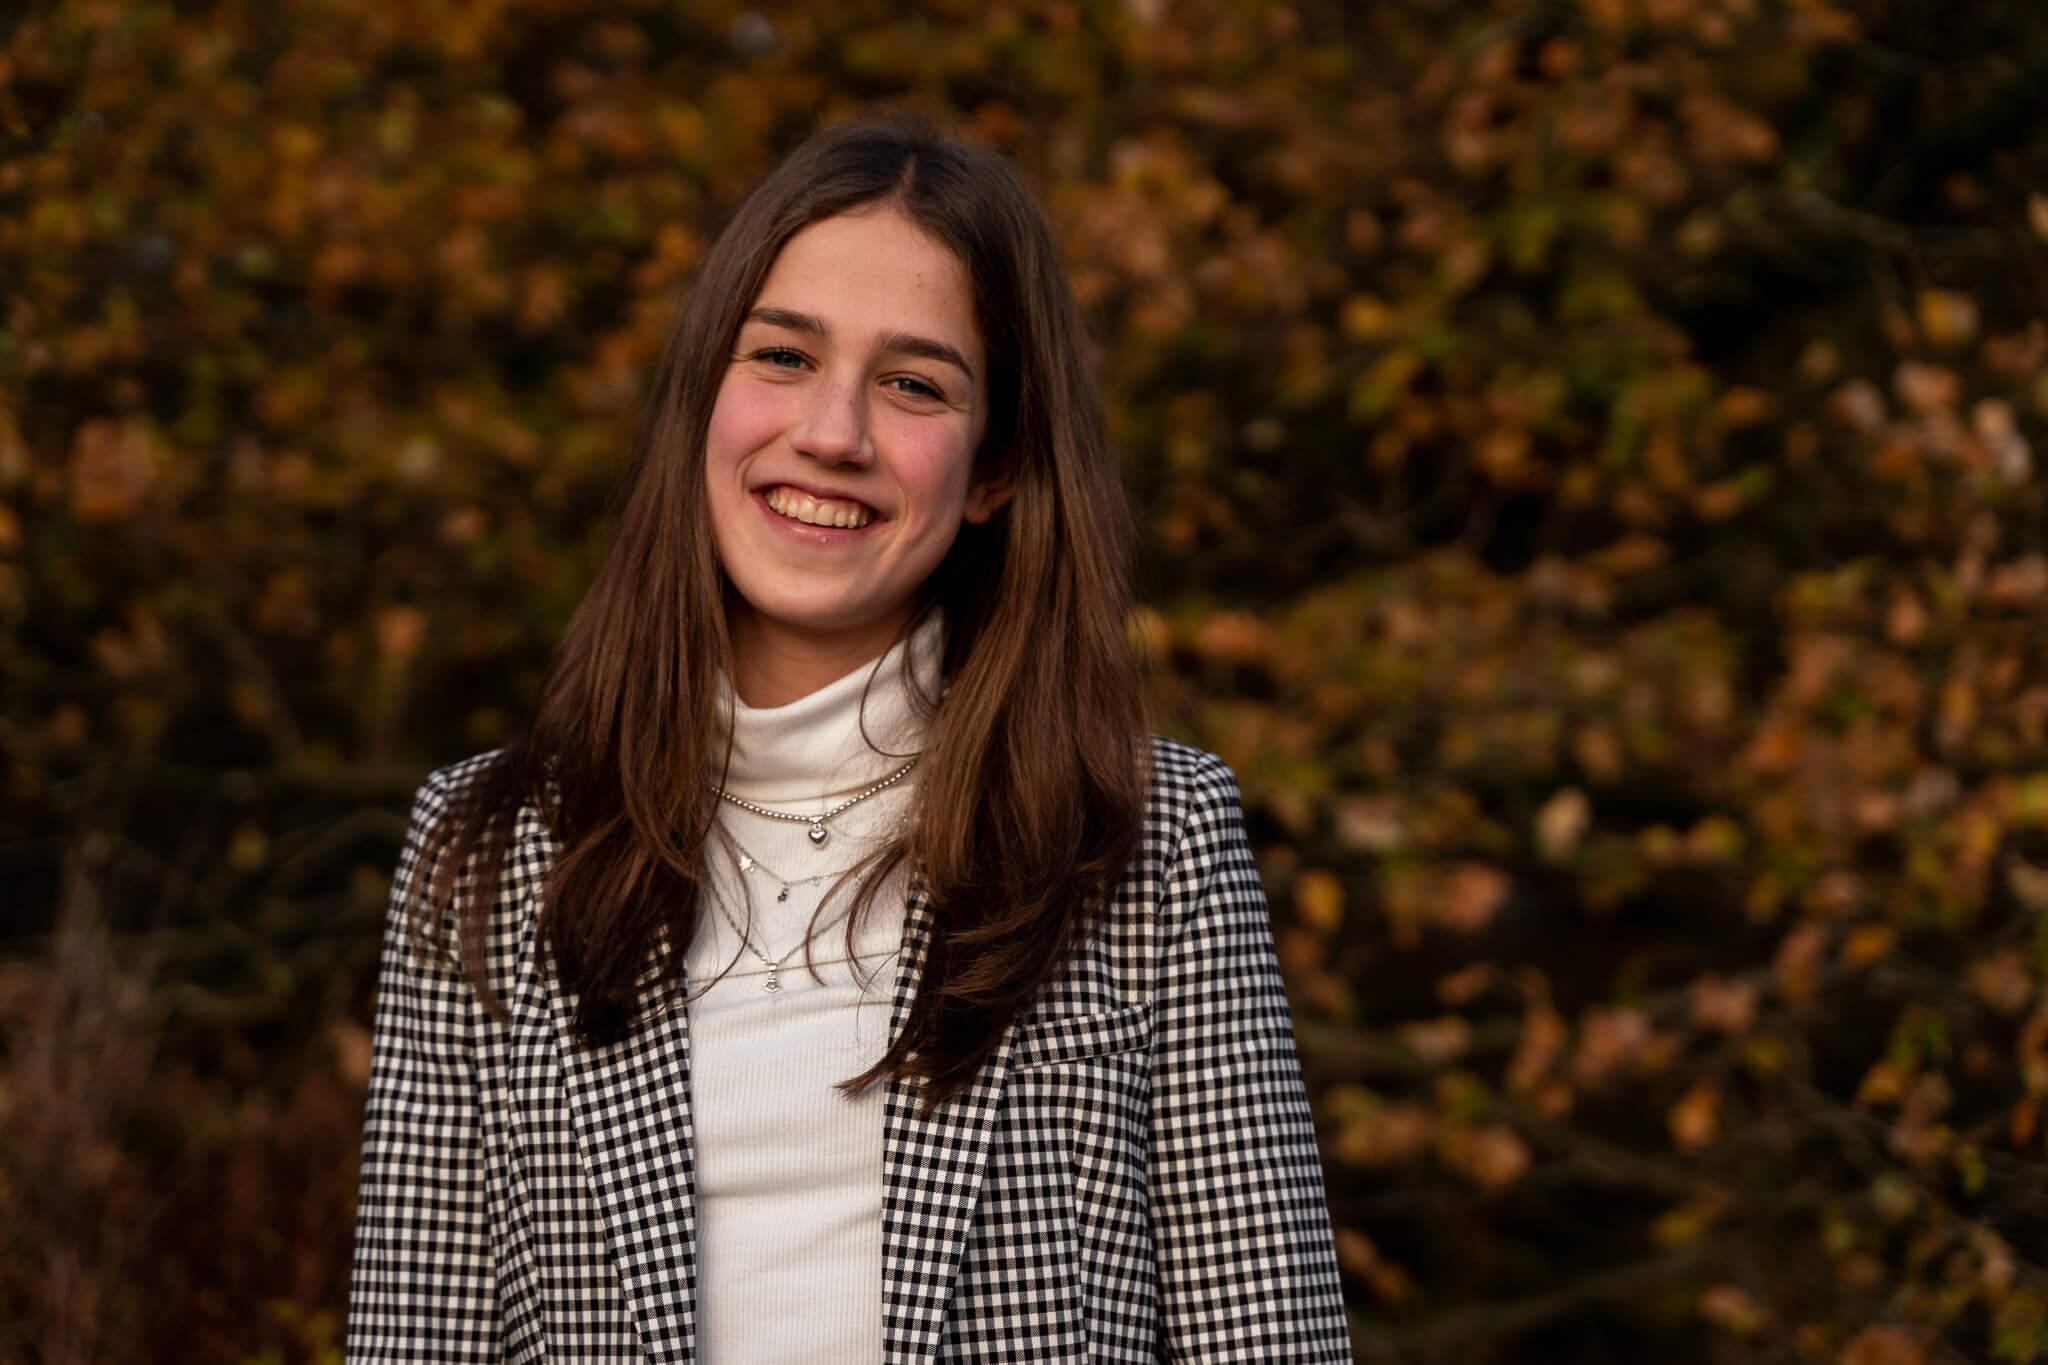 Een mooi portret van een tienermeisje gefotografeerd door Sandrinos Fotografie uit Purmerend